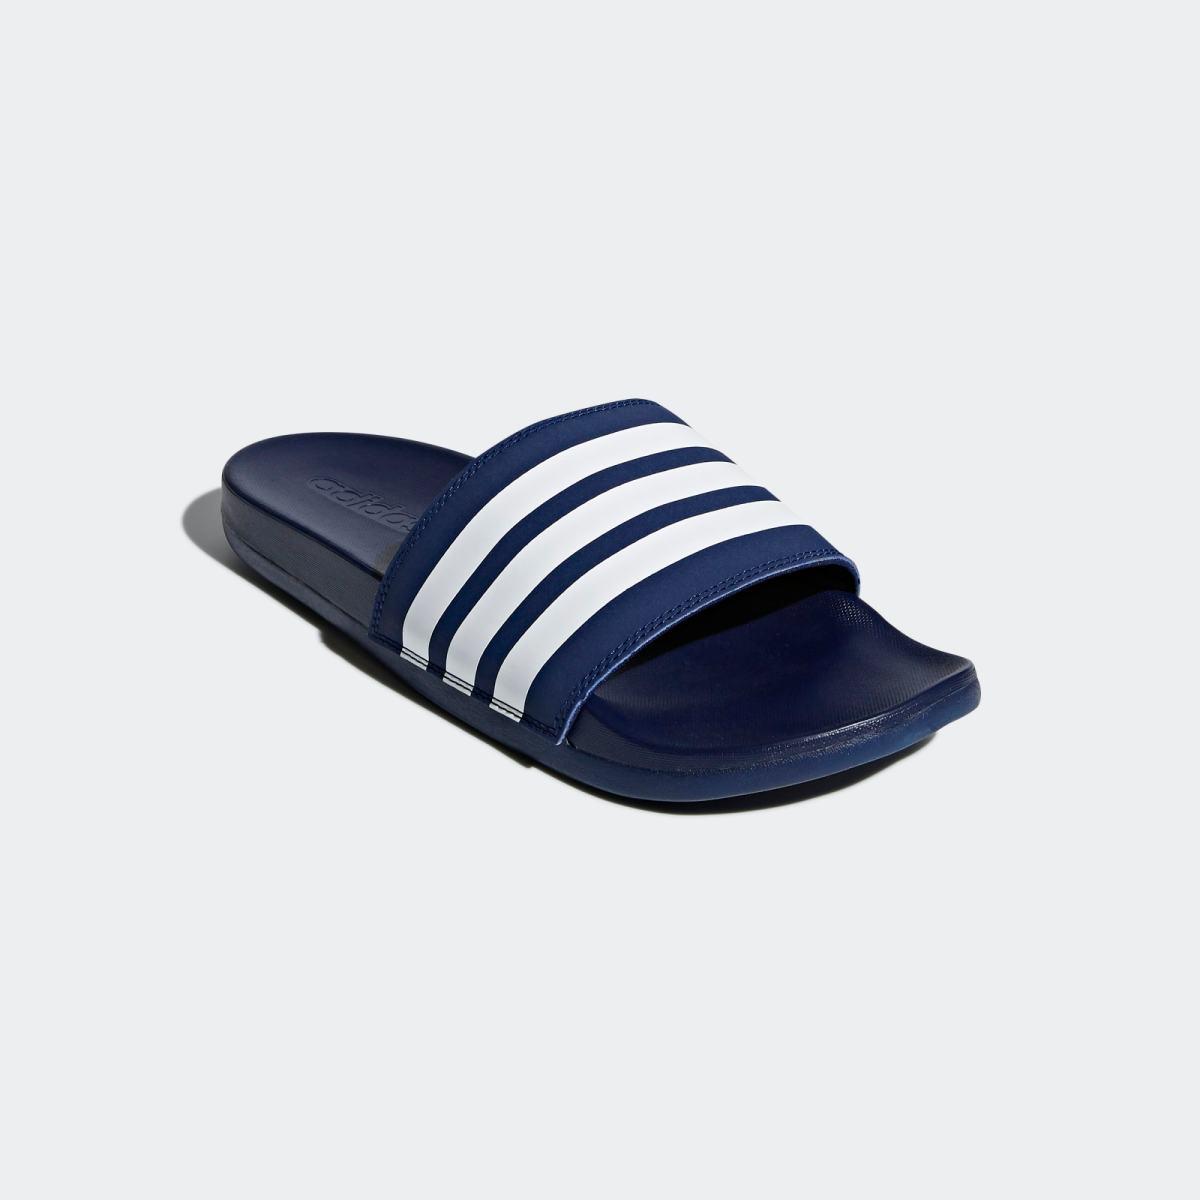 Claquette_Adilette_Comfort_Bleu_B42114_04_standard